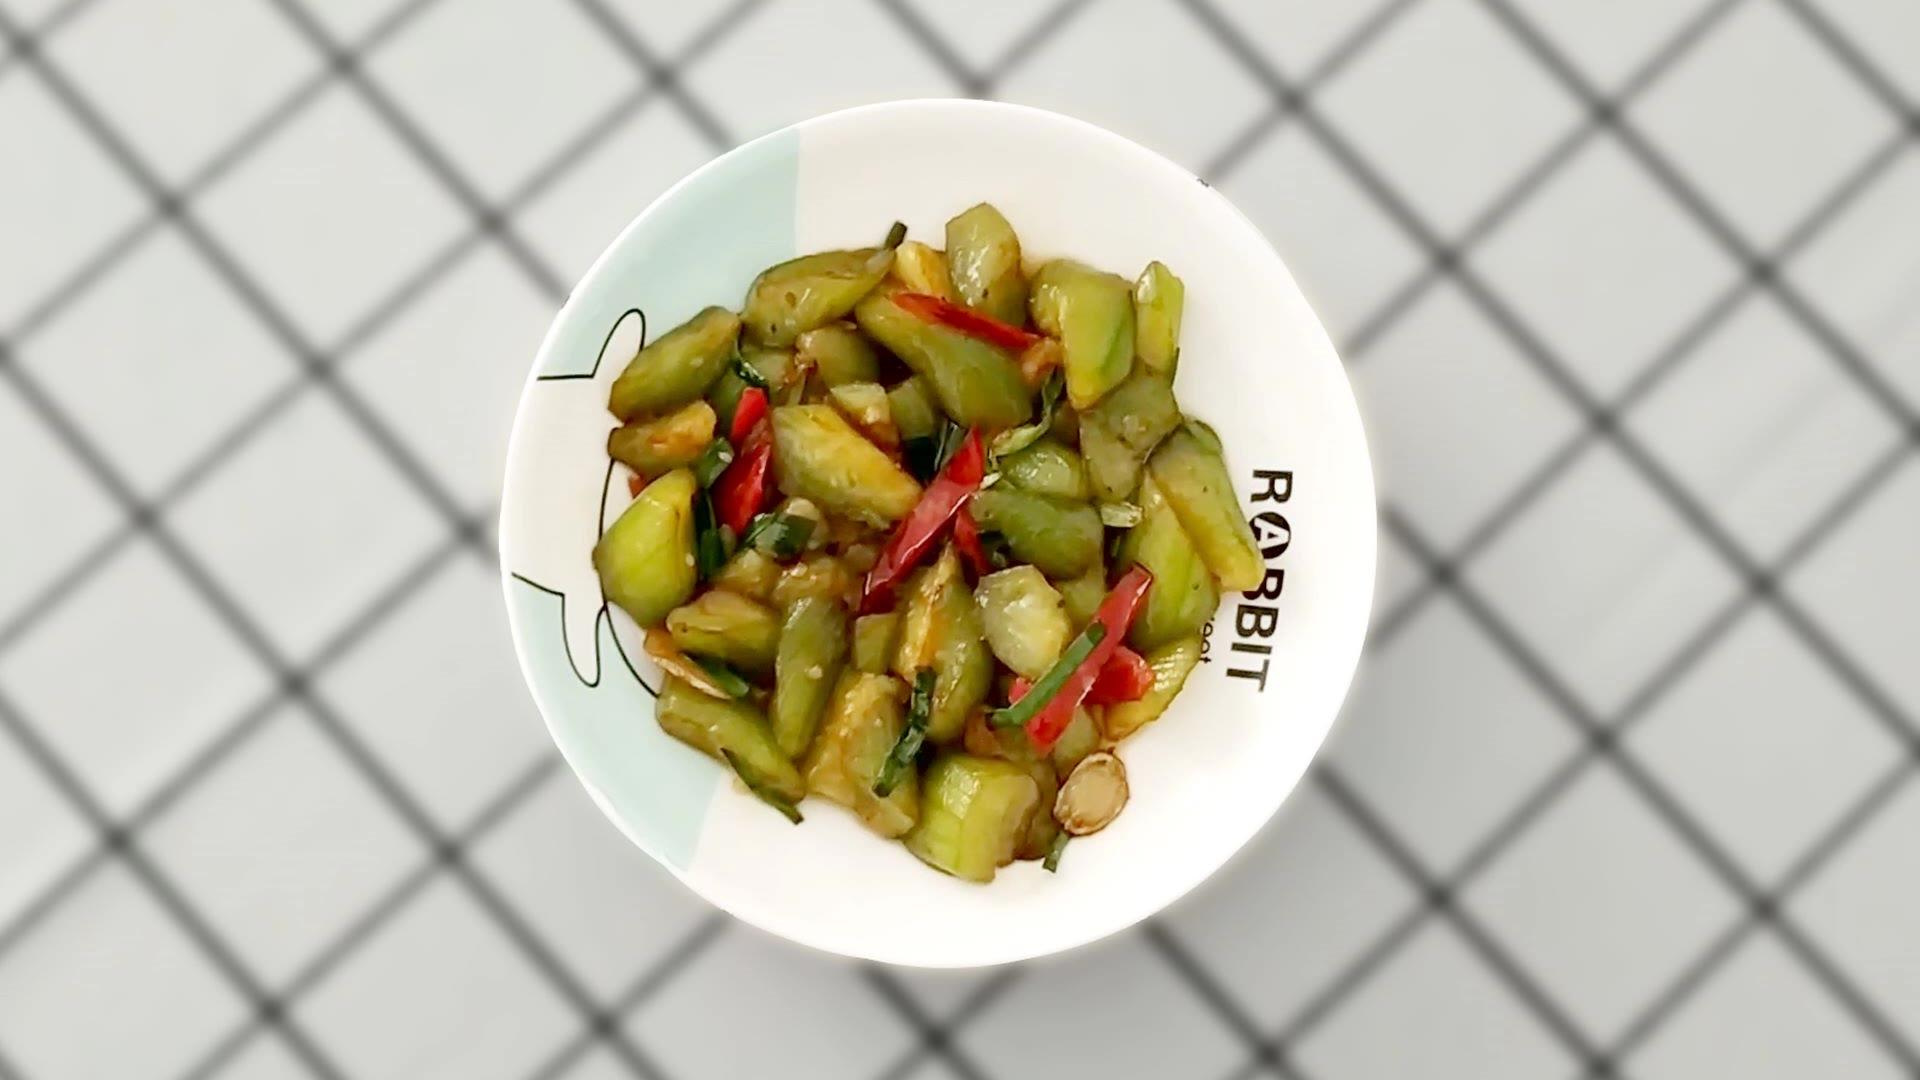 丝瓜除了打汤,清炒也是不错的选择,做法简单,好吃又营养